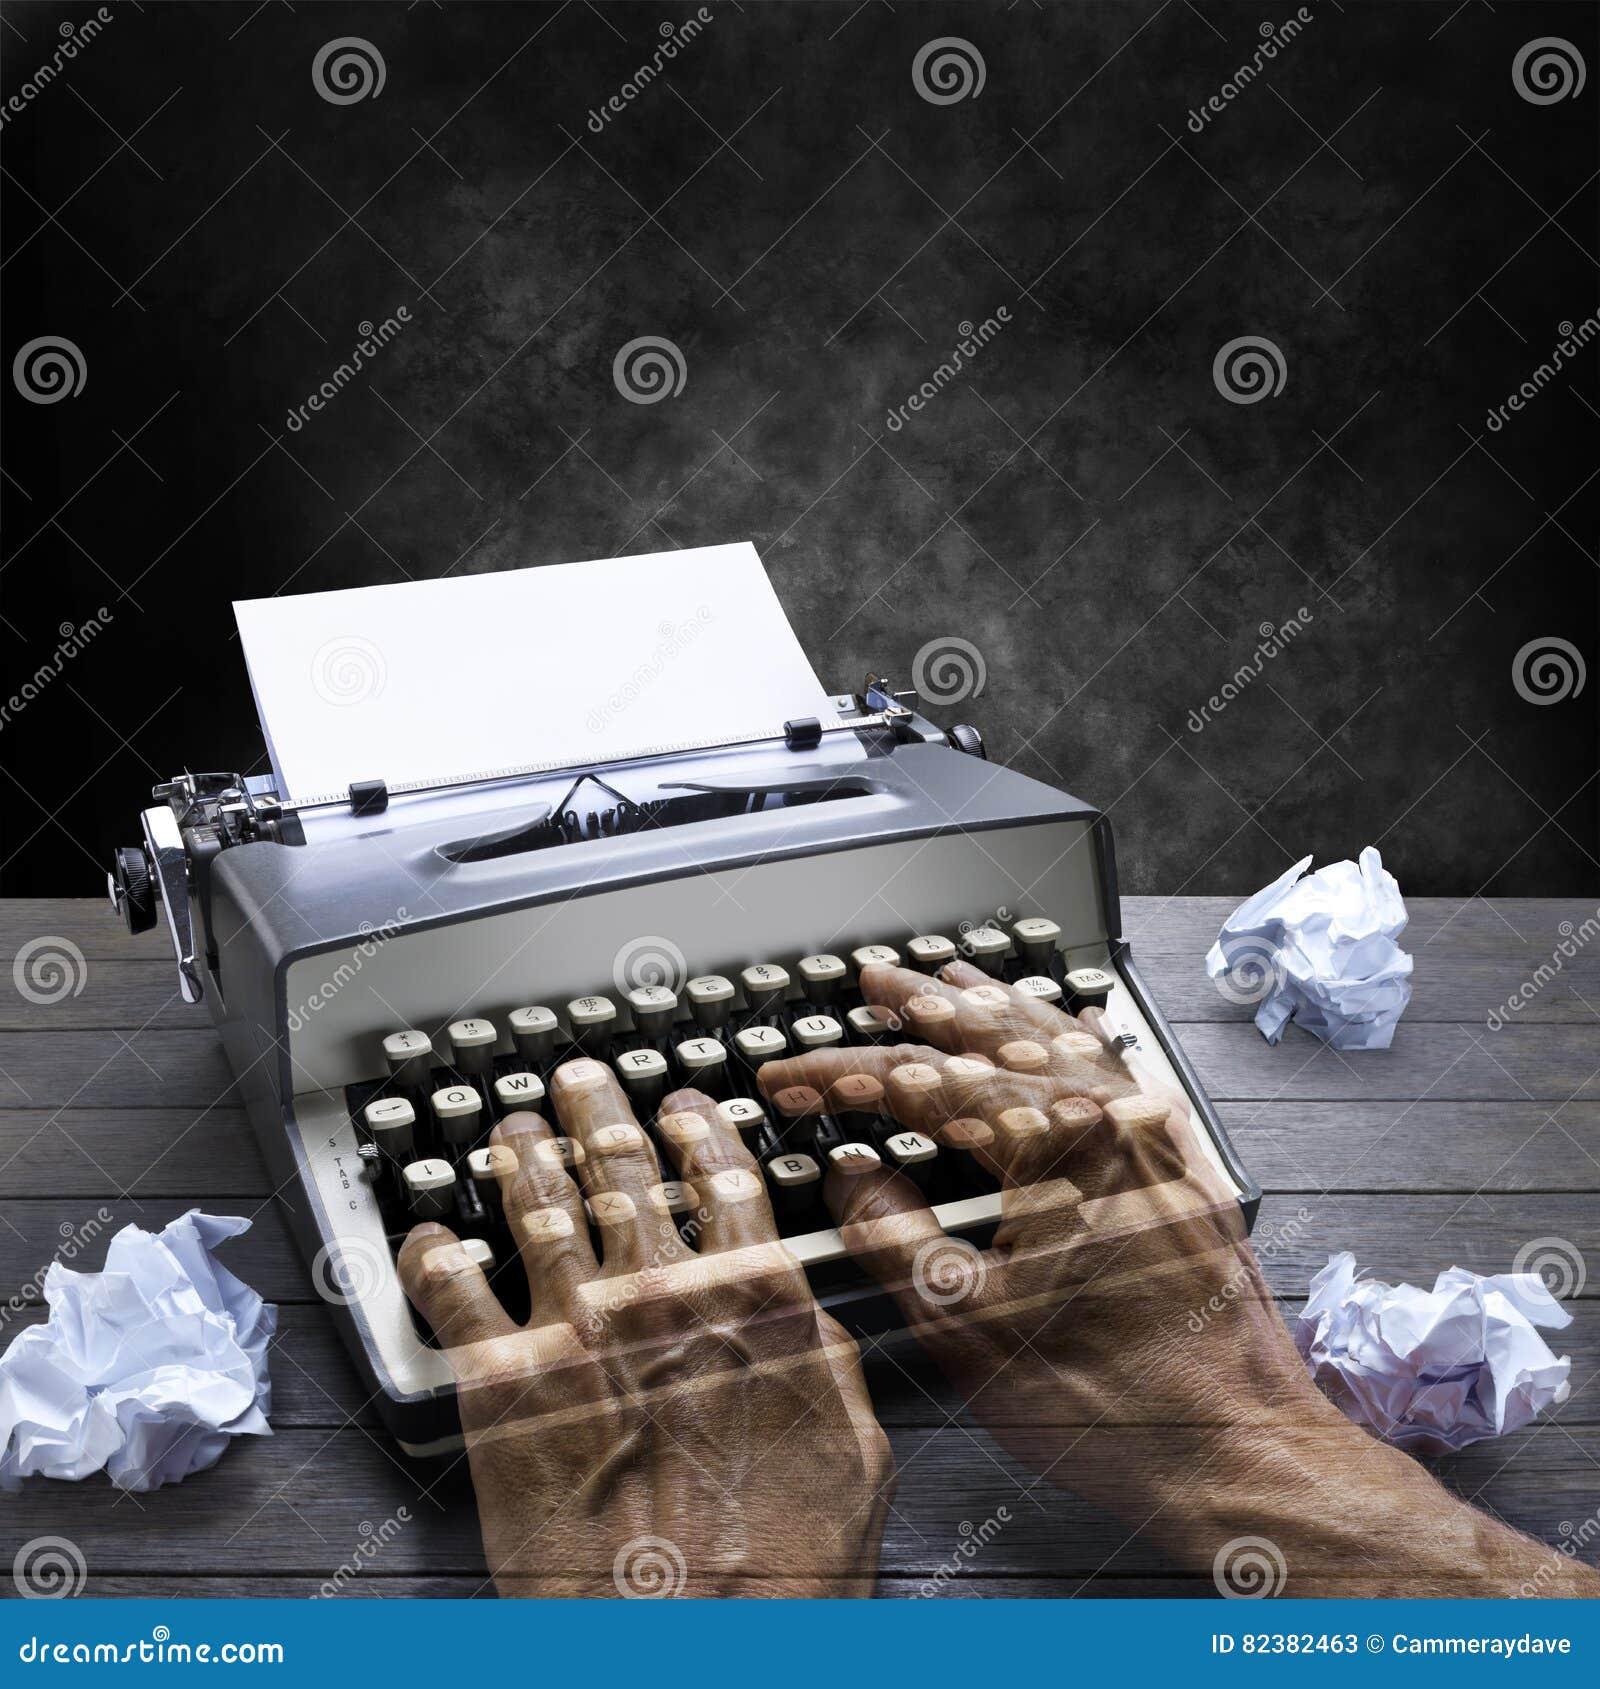 Machine à écrire auteur Hands Business